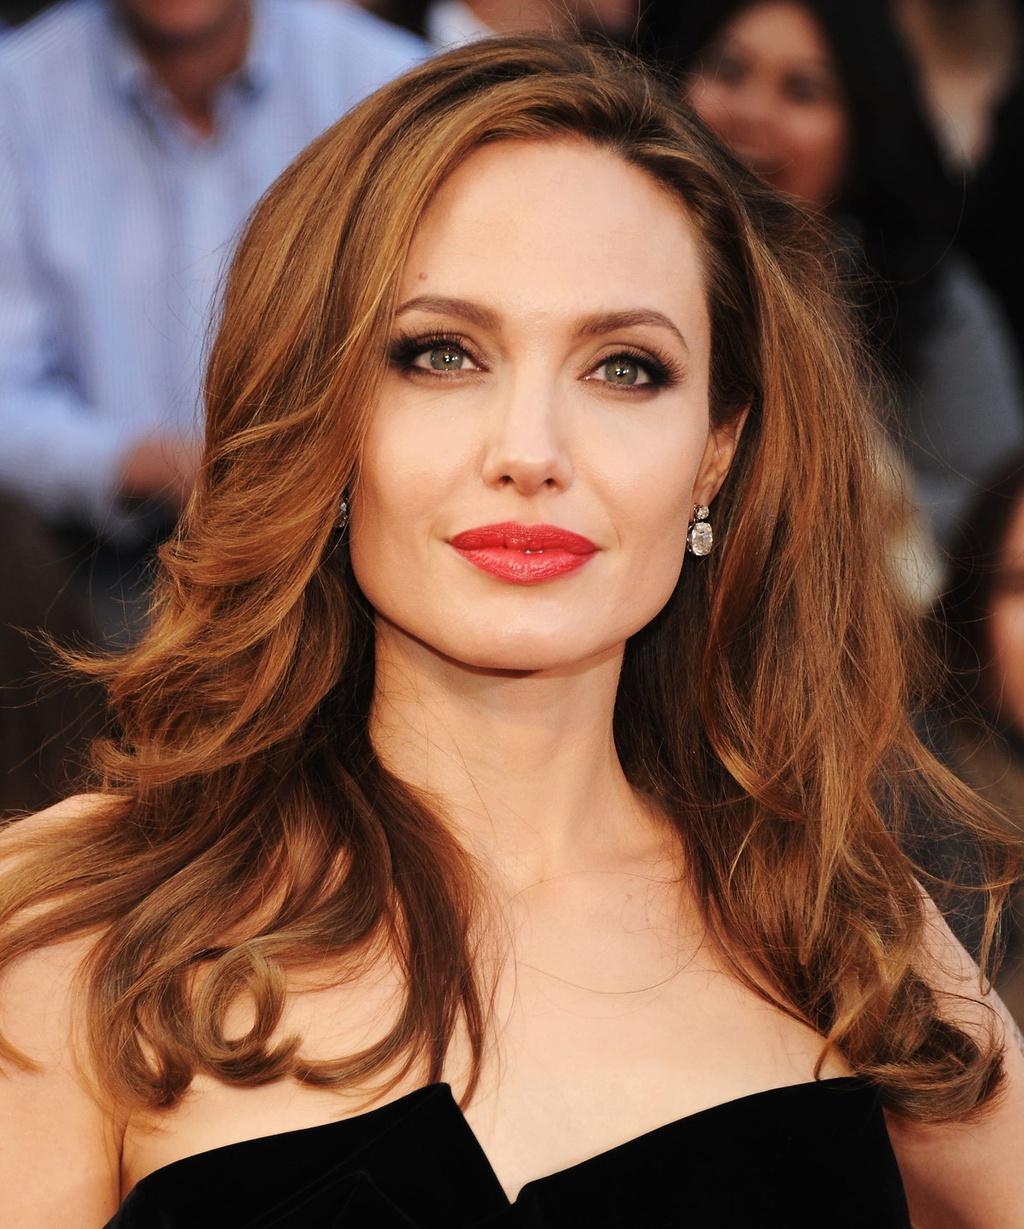 Bí quyết làm đẹp của Angelina Jolie